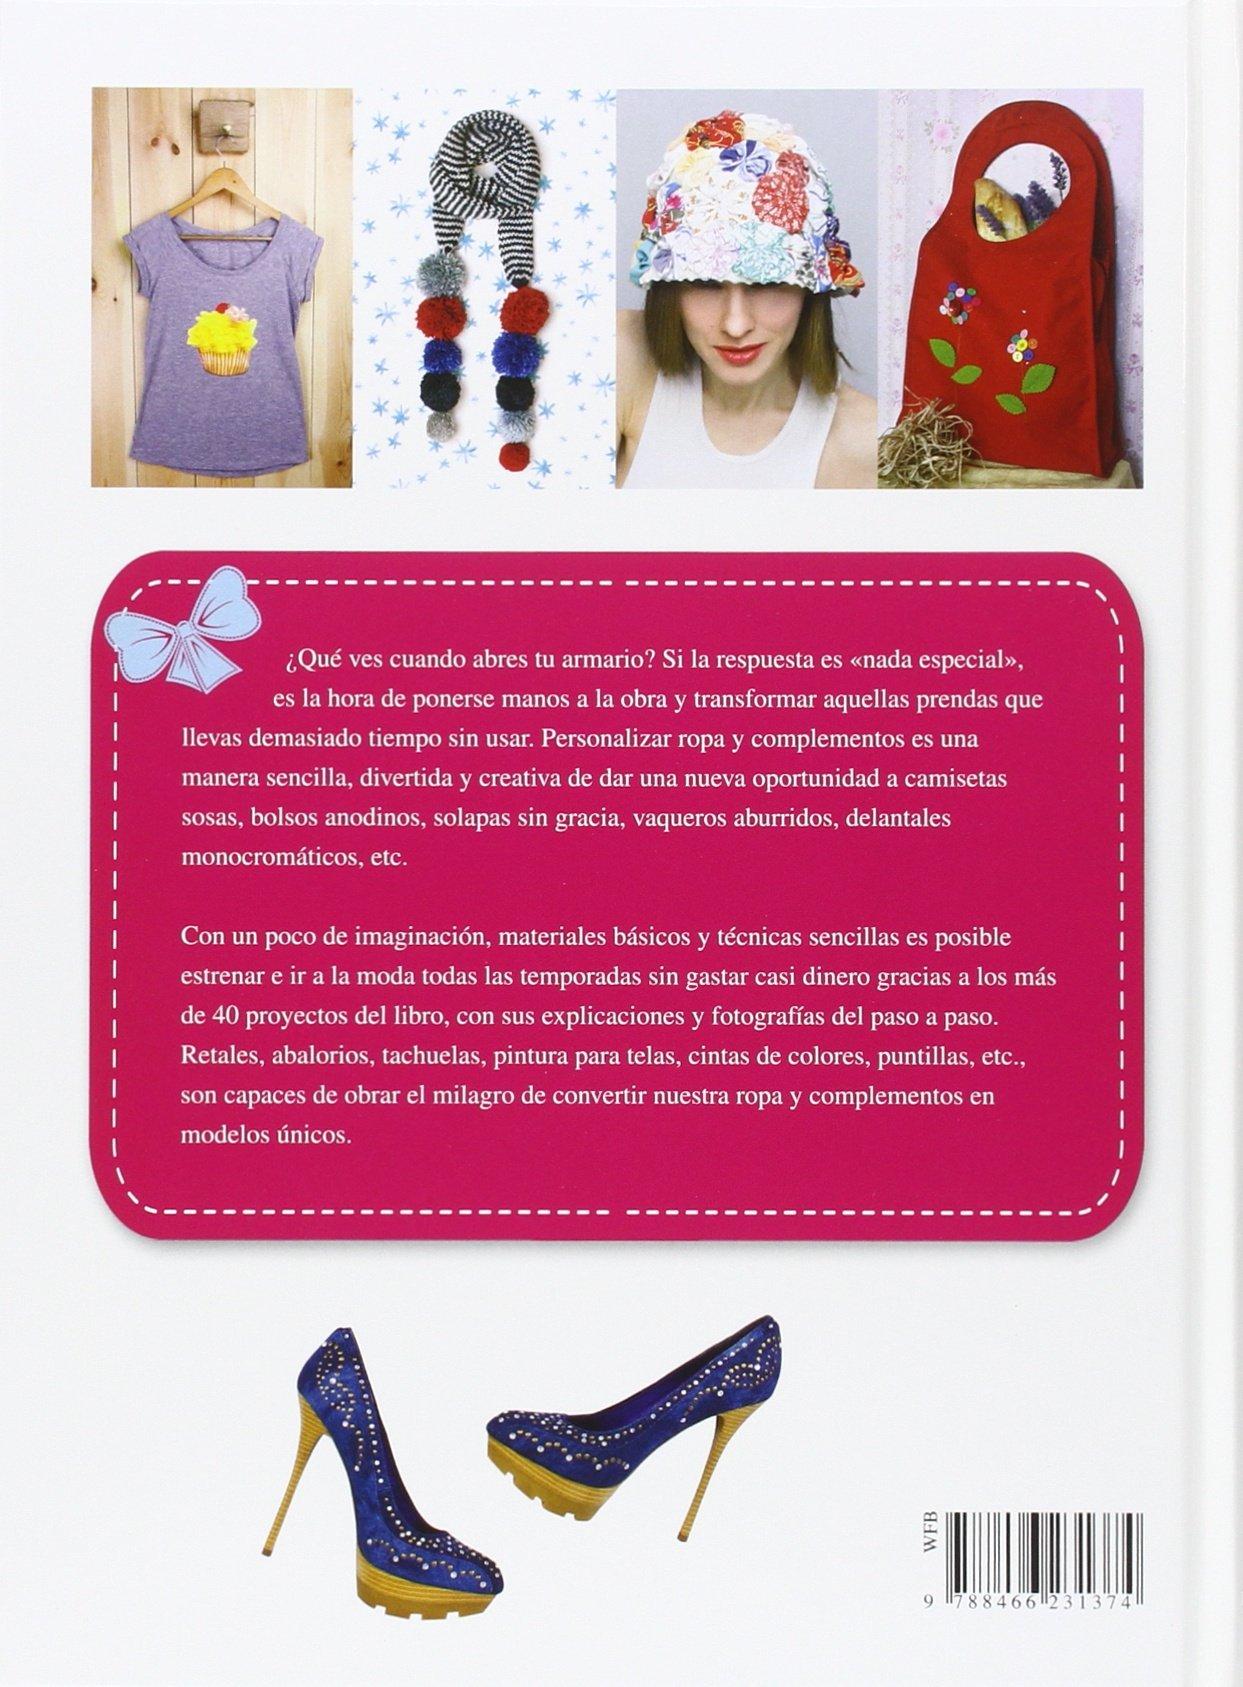 Personaliza tu ropa y tus complementos (Spanish Edition): María Jesús Saiz, Libsa: 9788466231374: Amazon.com: Books